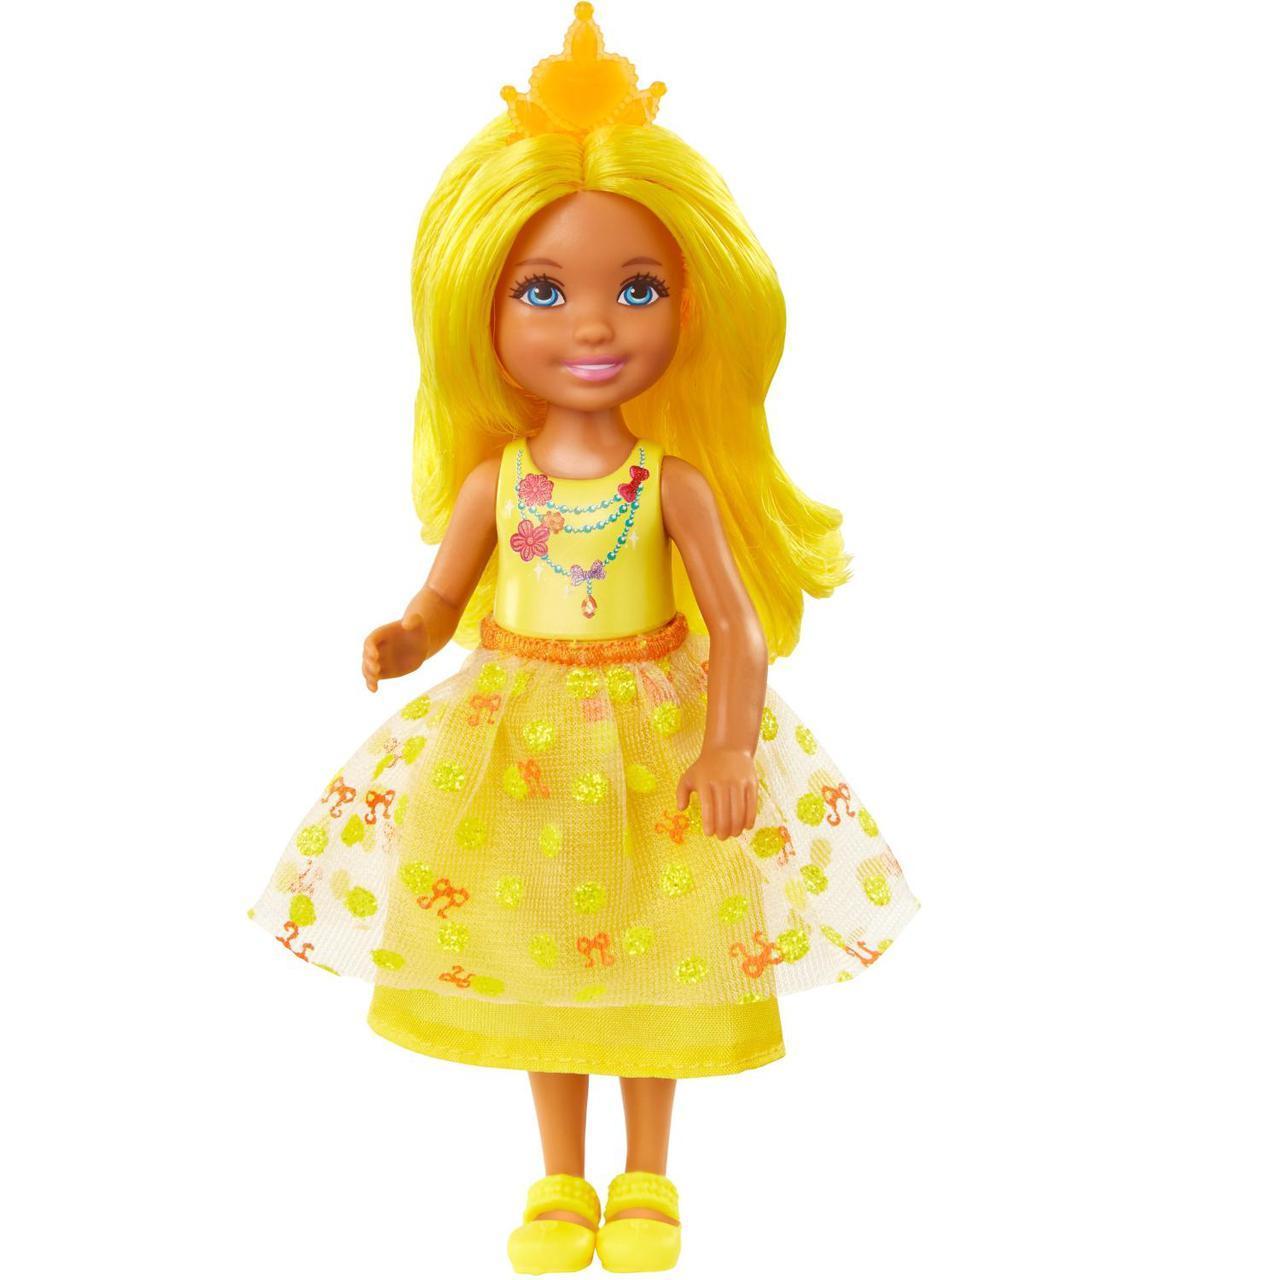 """Barbie """"Дримтопиа"""" Кукла Барби Малышка, Жёлтая"""